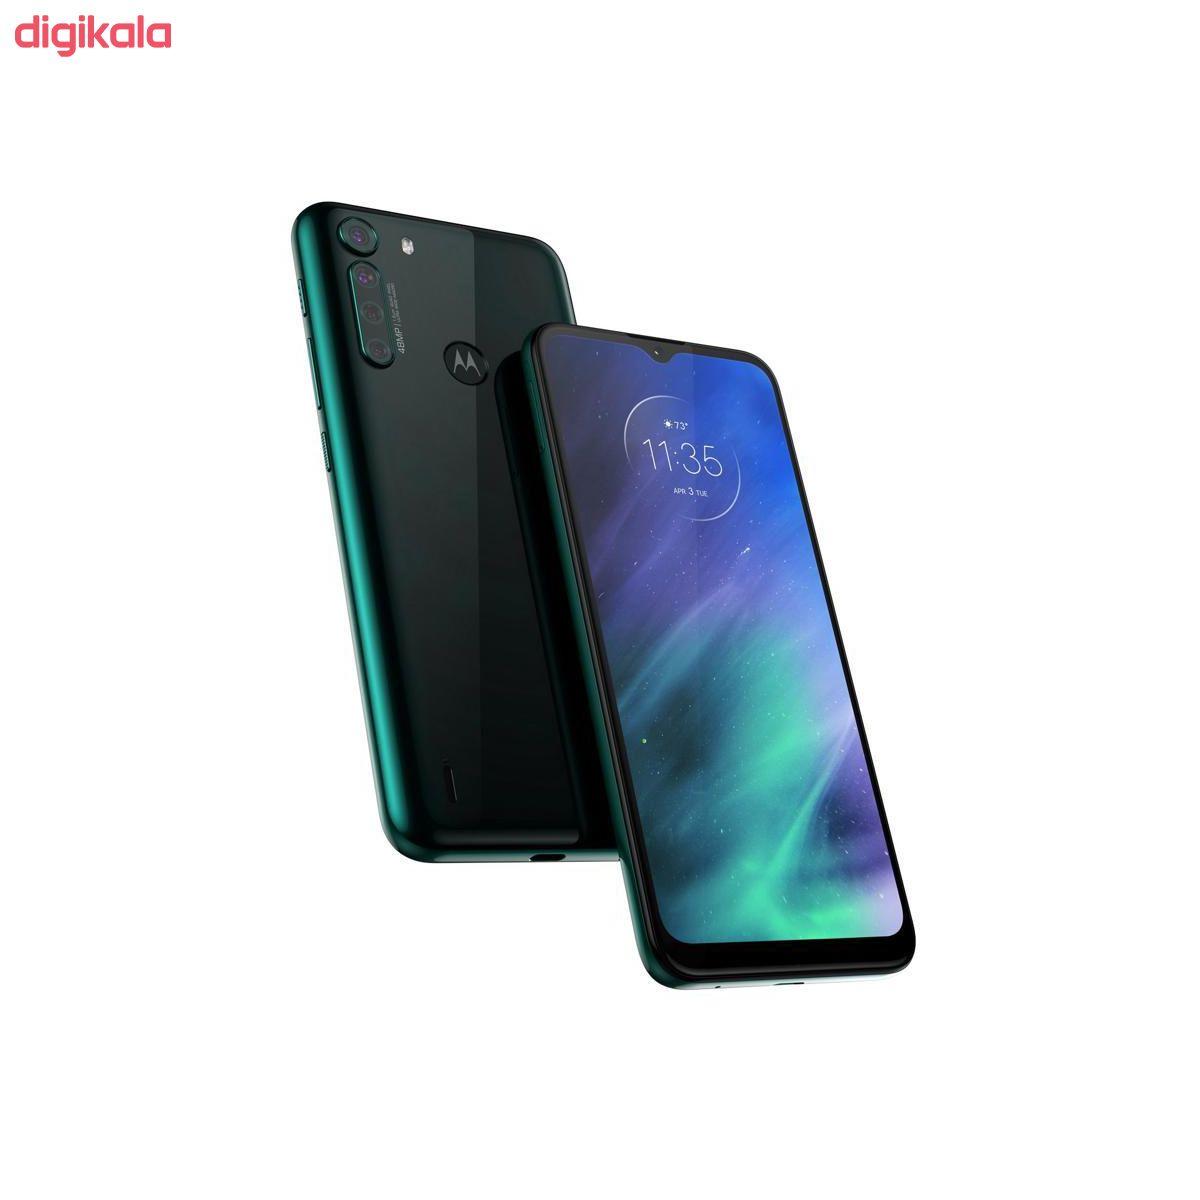 گوشی موبایل موتورولا مدل One Fusion XT2073-1 دو سیم کارت ظرفیت 128 گیگابایت main 1 3